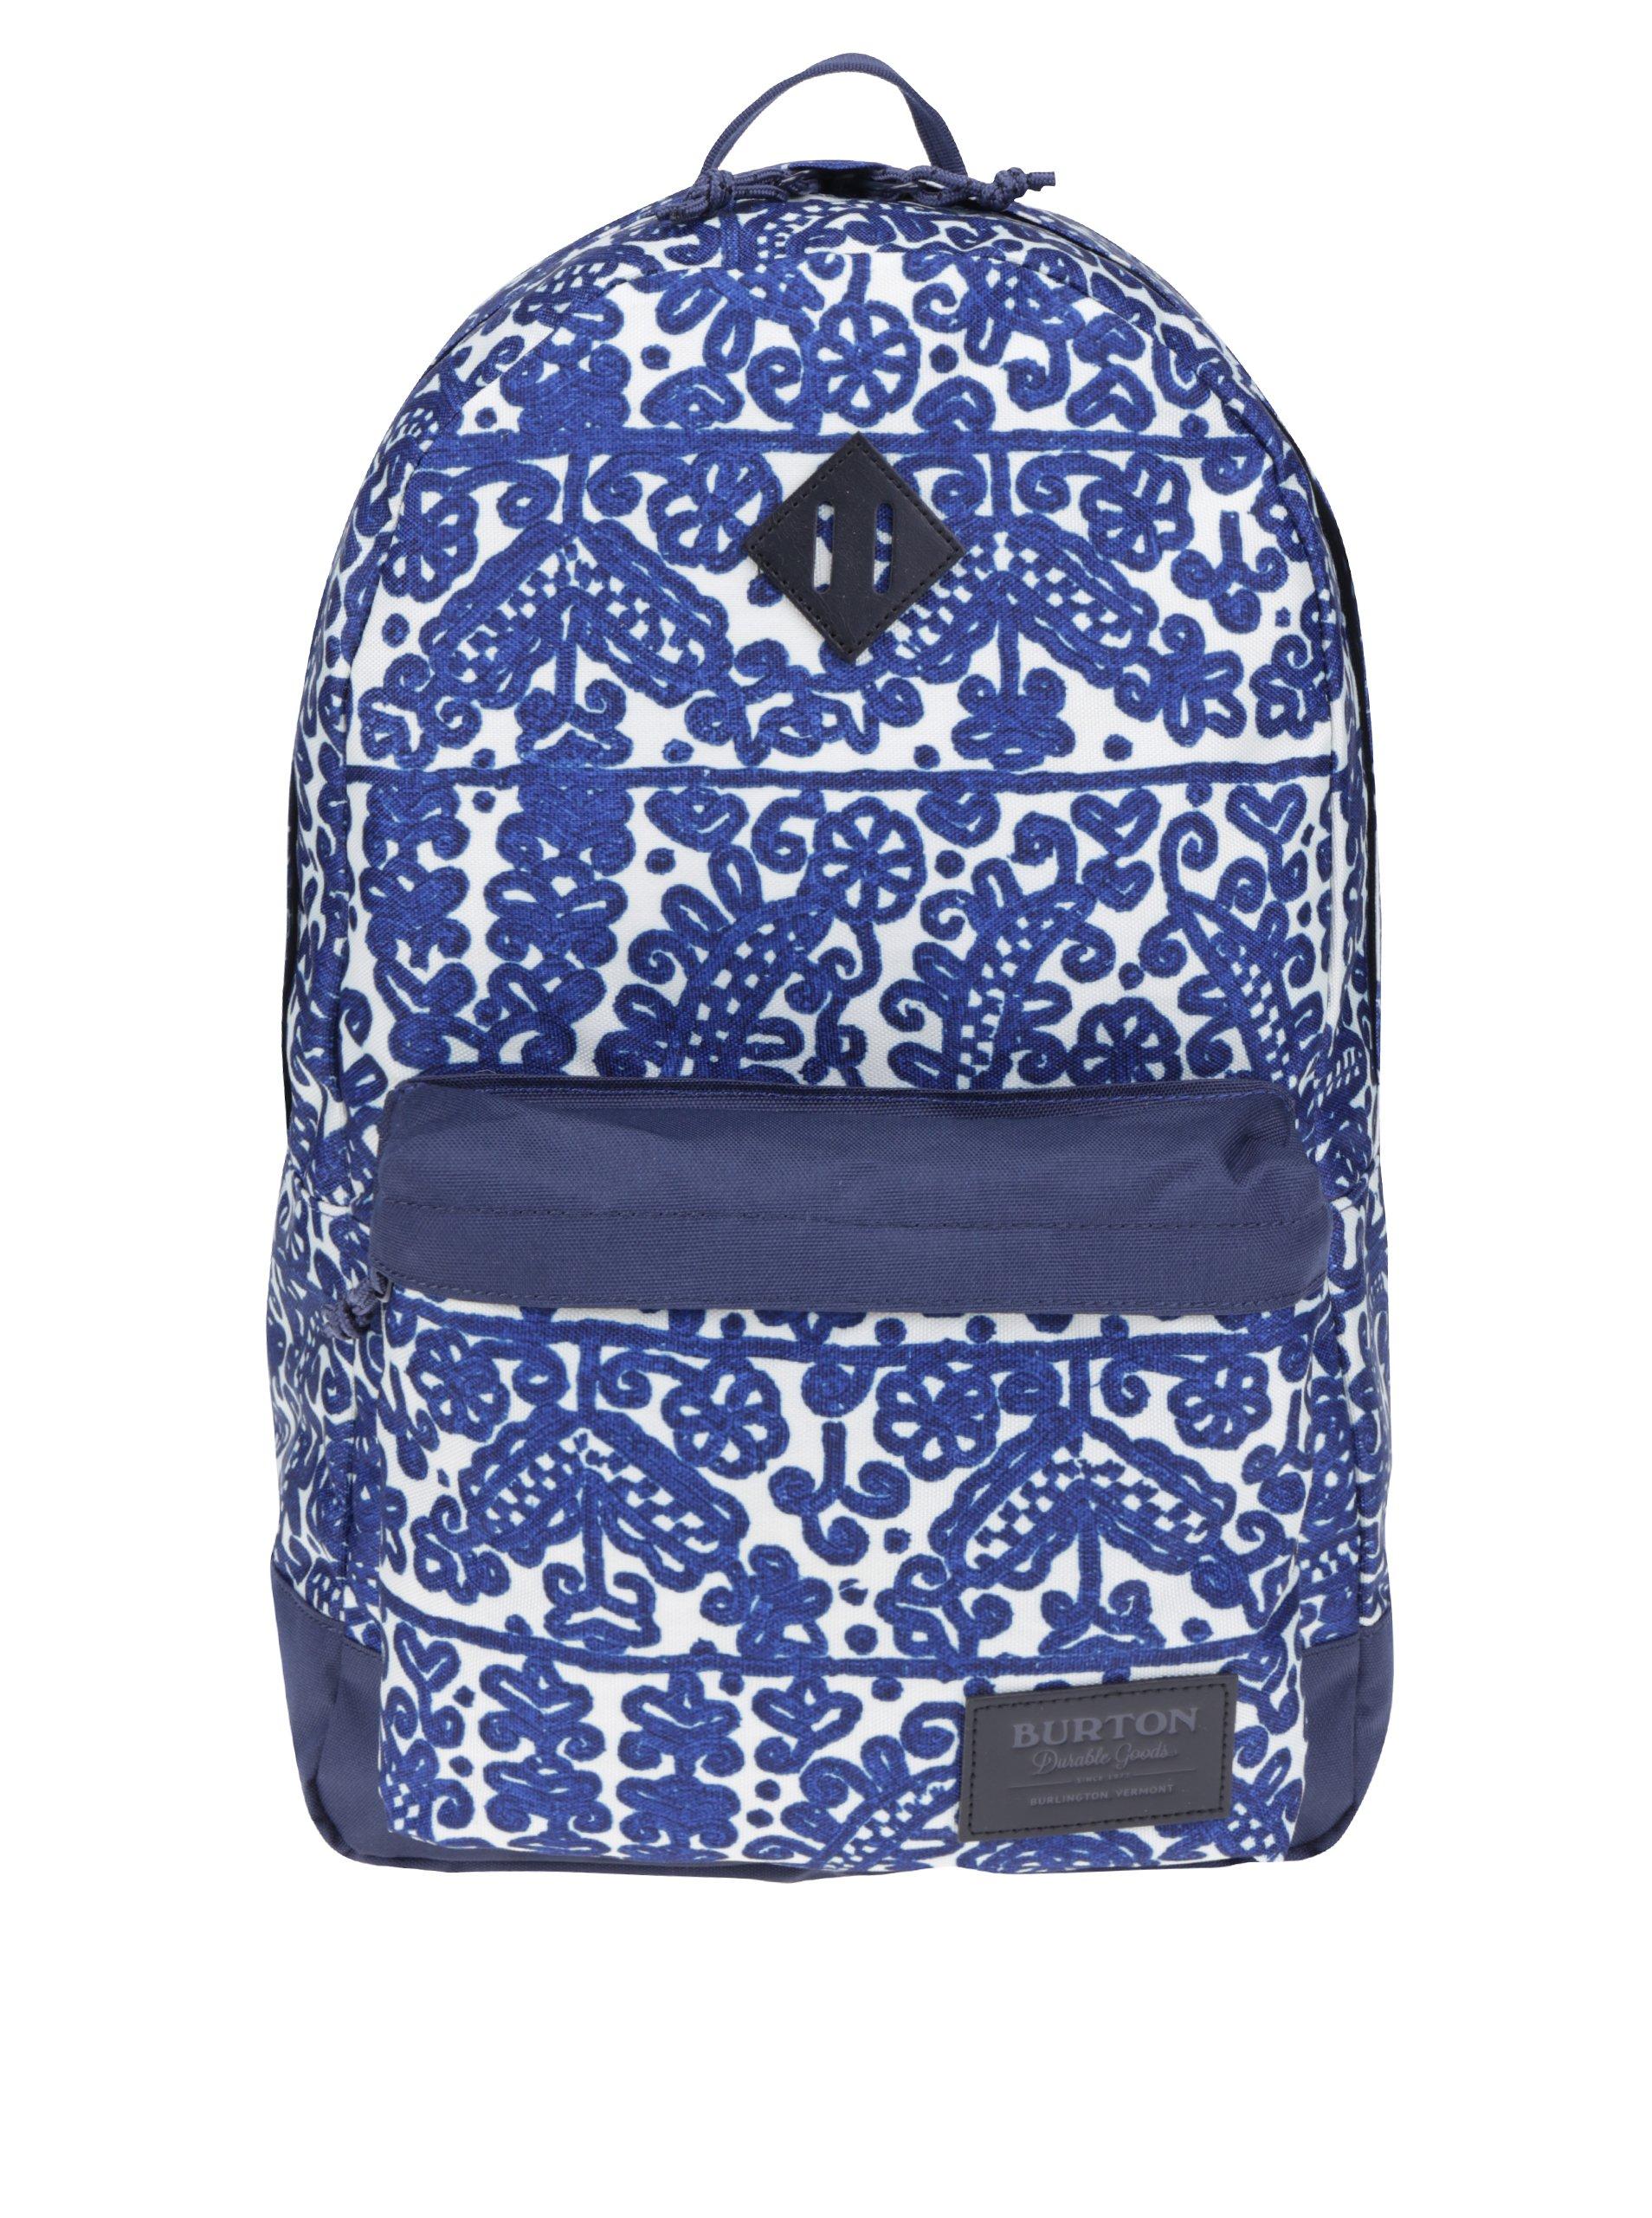 9bded7abc8 Krémovo-modrý dámský vzorovaný batoh Burton Kettle 20 l